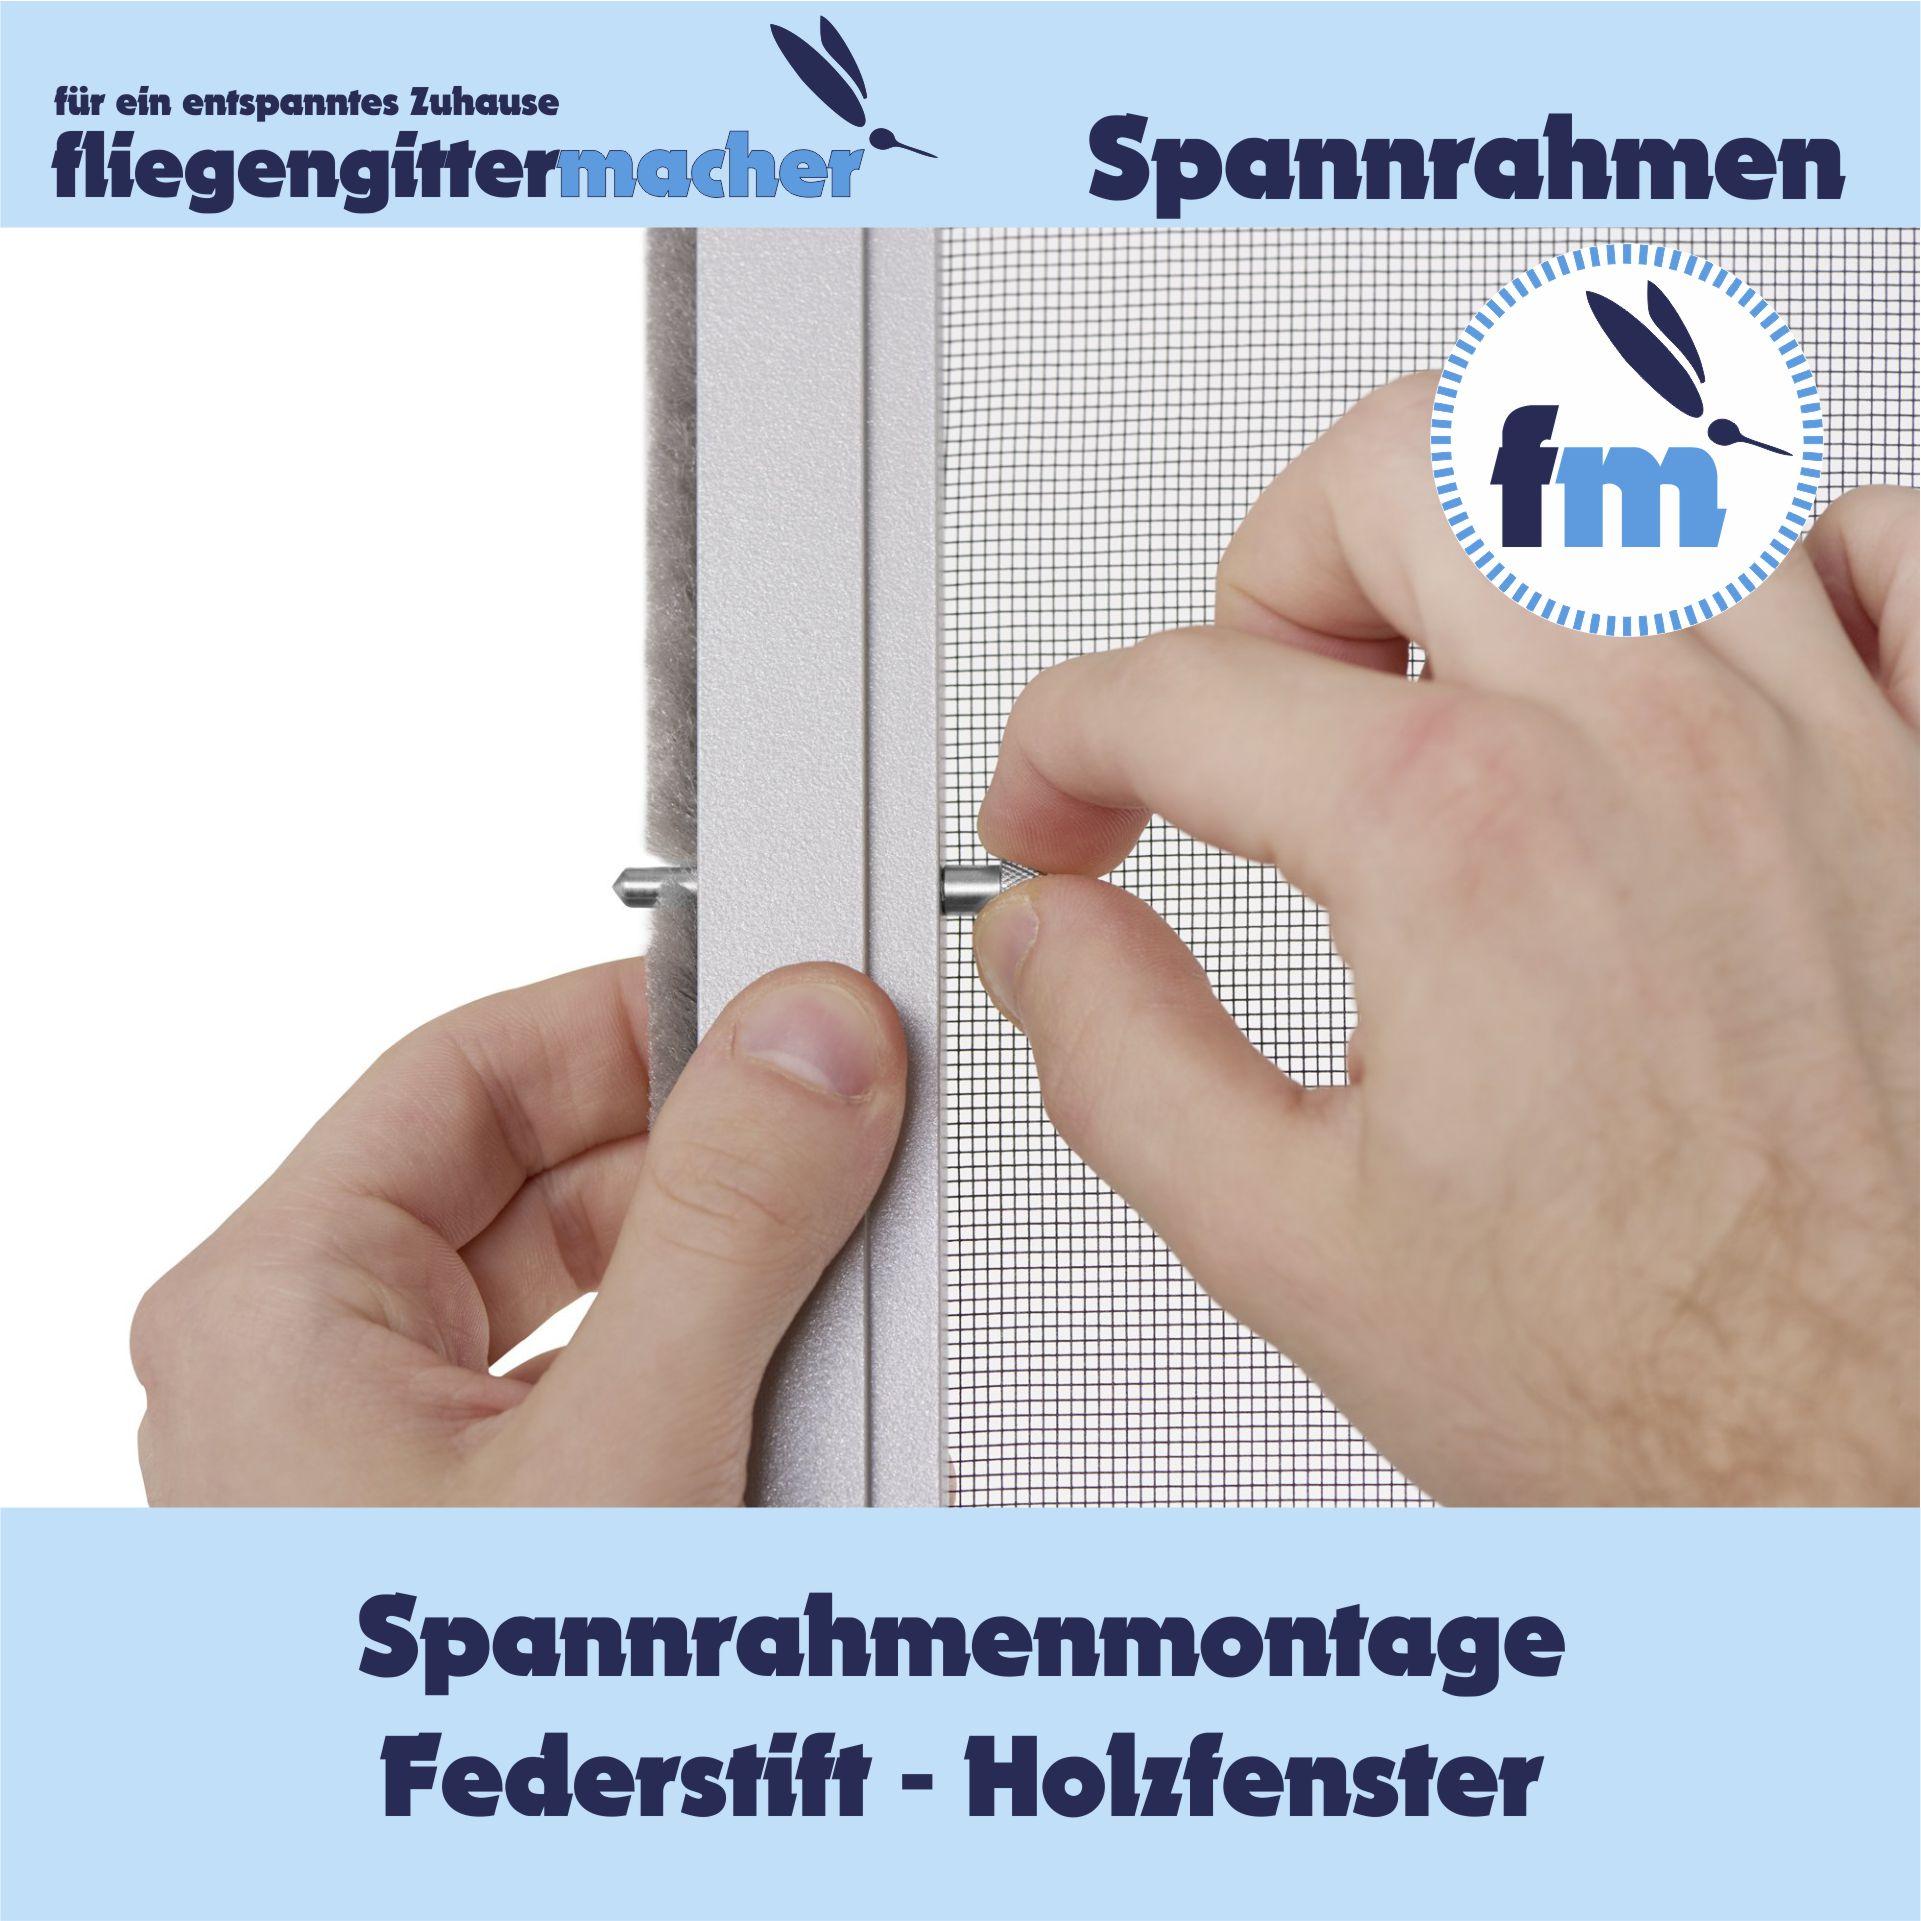 Insektenschutz Spannrahmen mit Federstift   www.fliegengittermacher.de   Fliegengitter nach Maß